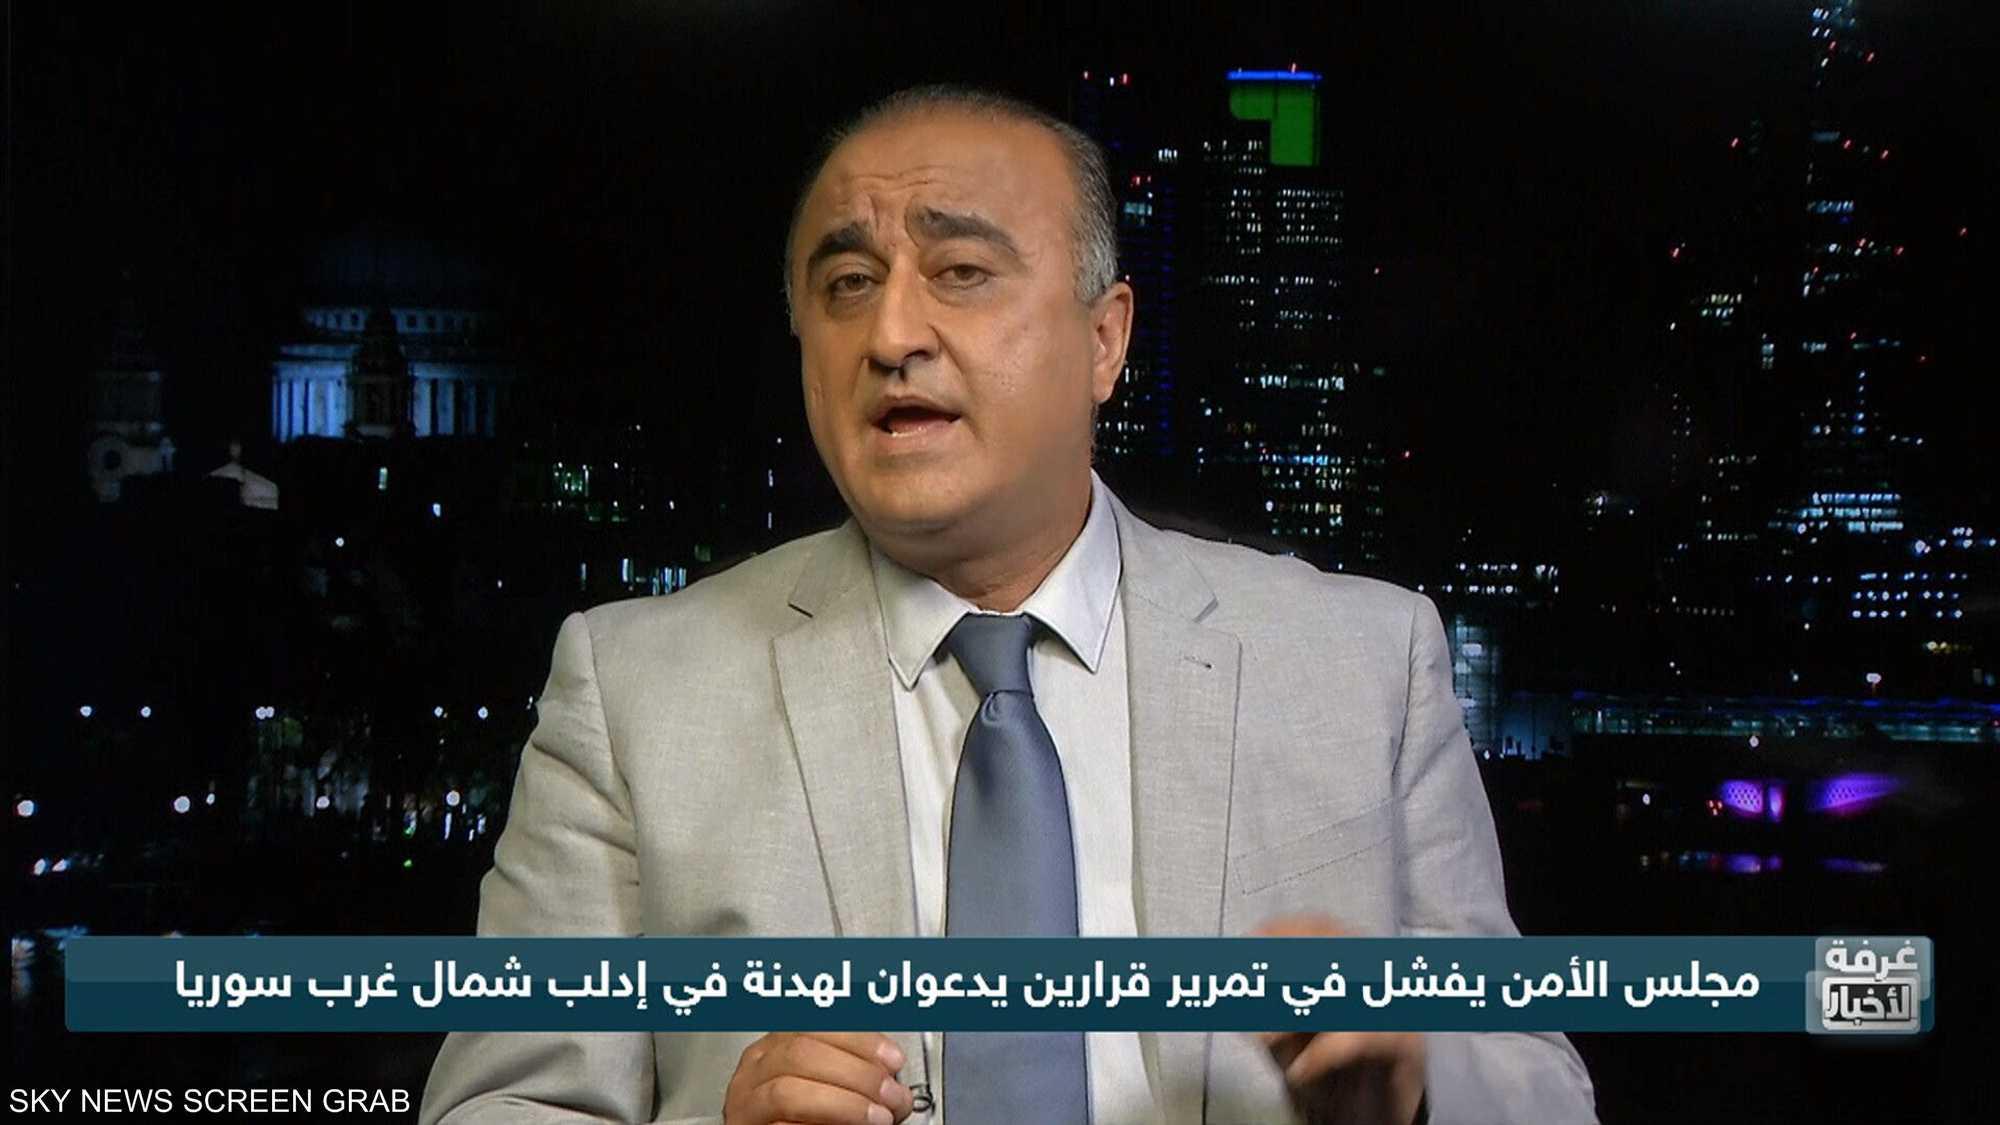 مجلس الأمن يفشل في تمرير قرارين يدعوان لهدنة في إدلب